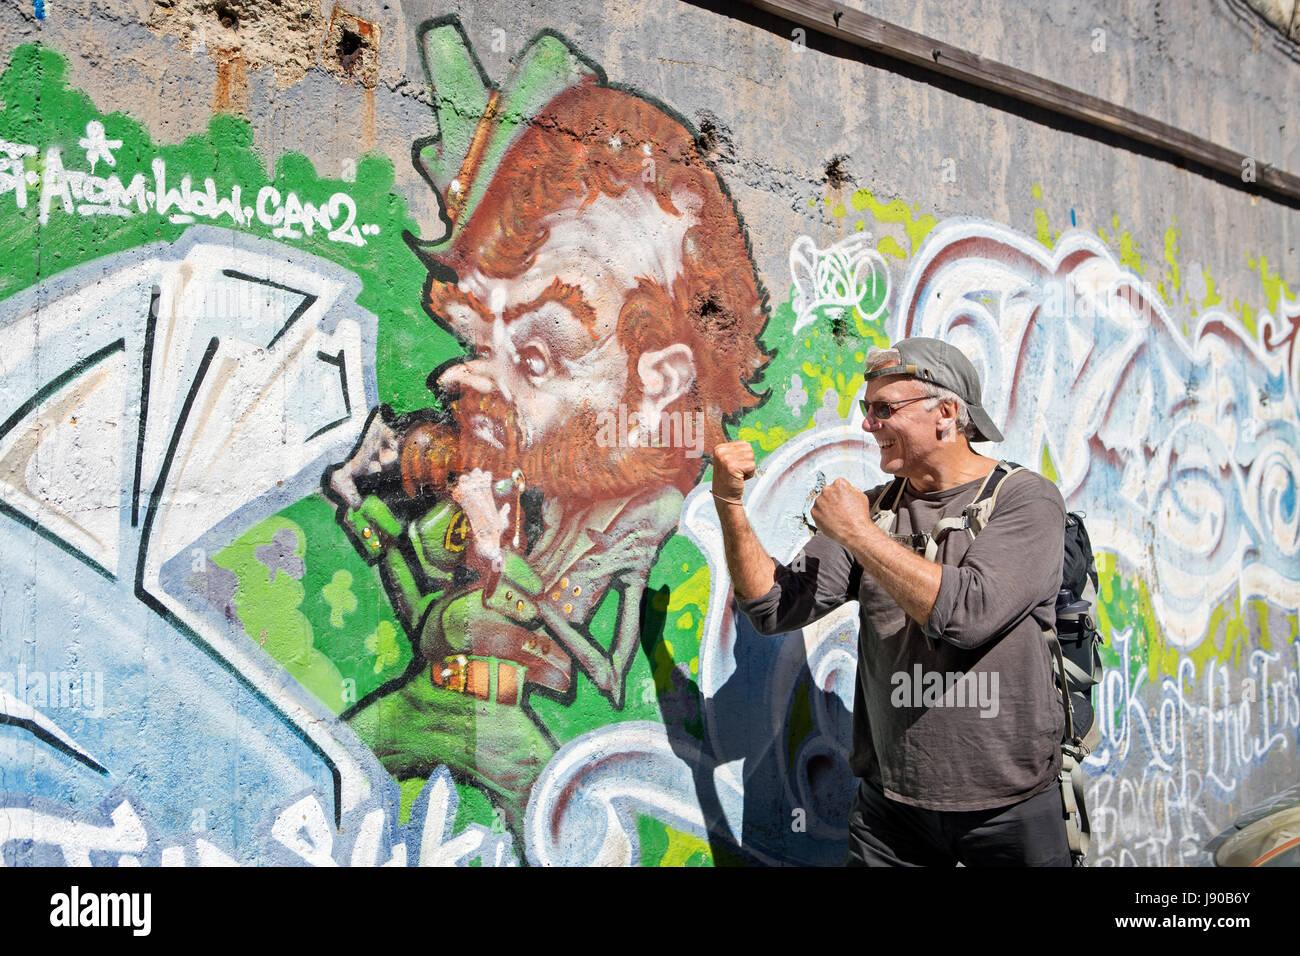 Irische Mann mit den Fäusten Neben irischen Karikatur Graffiti auf der Wand in Wellington, Neuseeland Stockbild